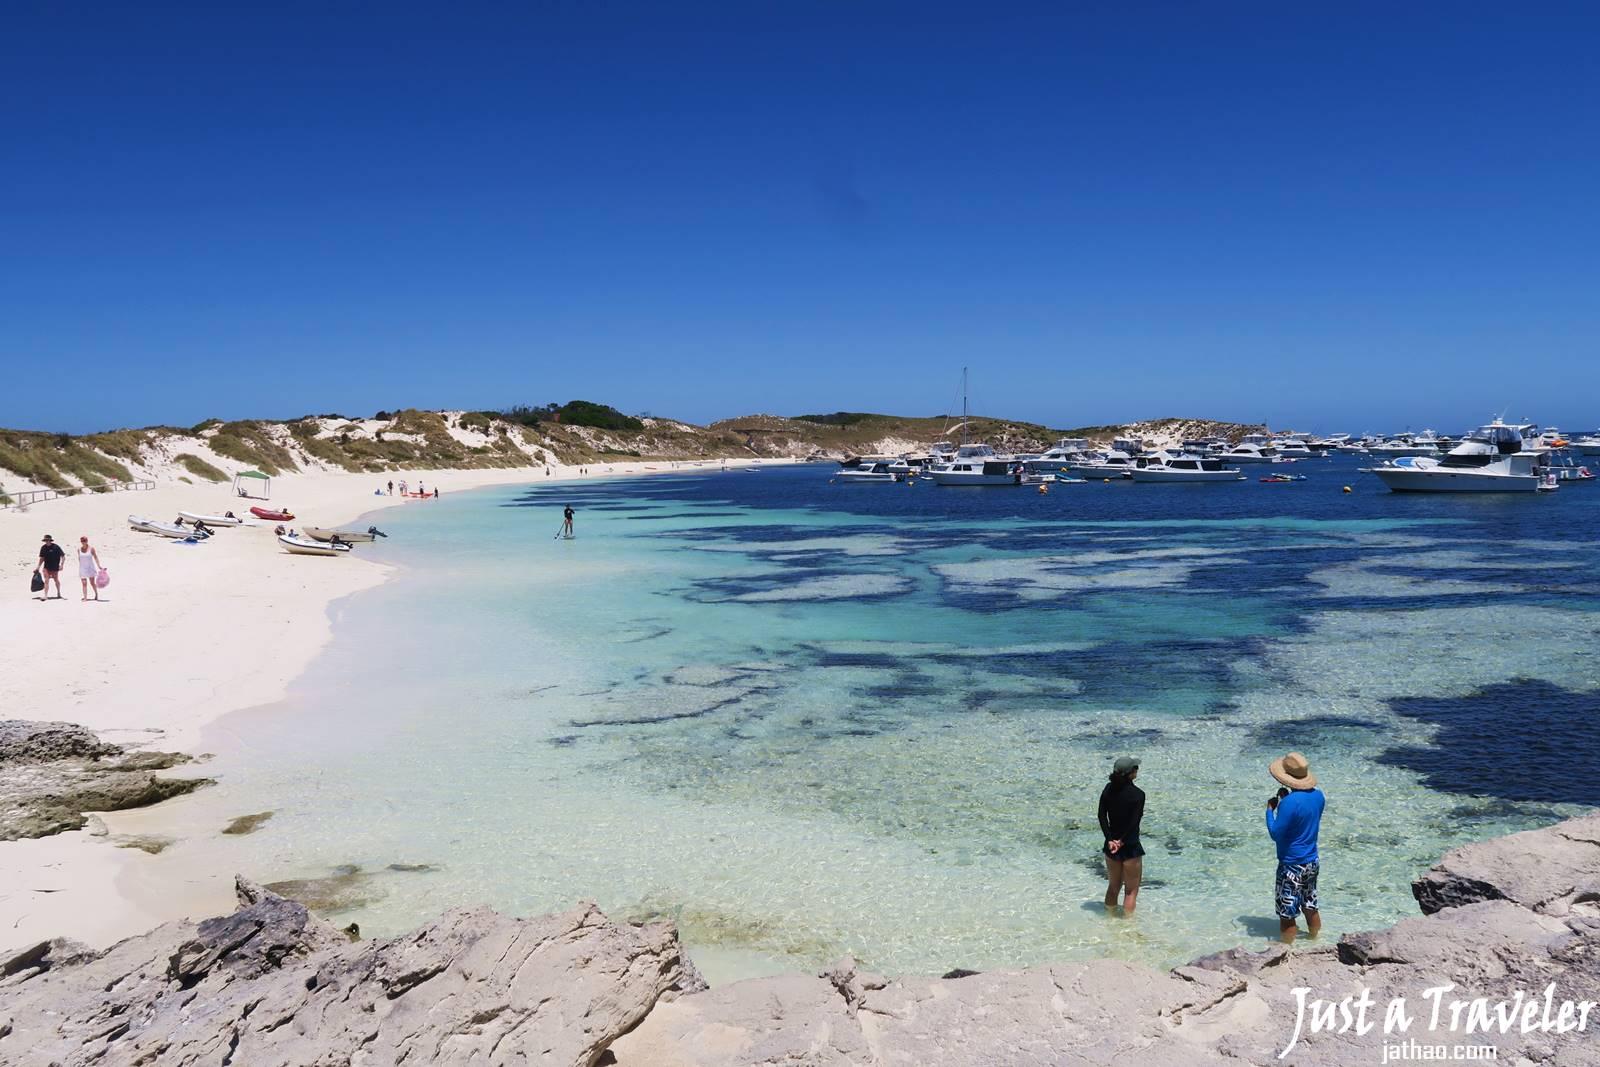 澳洲-澳洲旅遊-澳洲自由行-澳洲景點-遊記-澳洲觀光-推薦-澳洲地圖-Australia-伯斯-羅特尼斯島-Australia-Perth